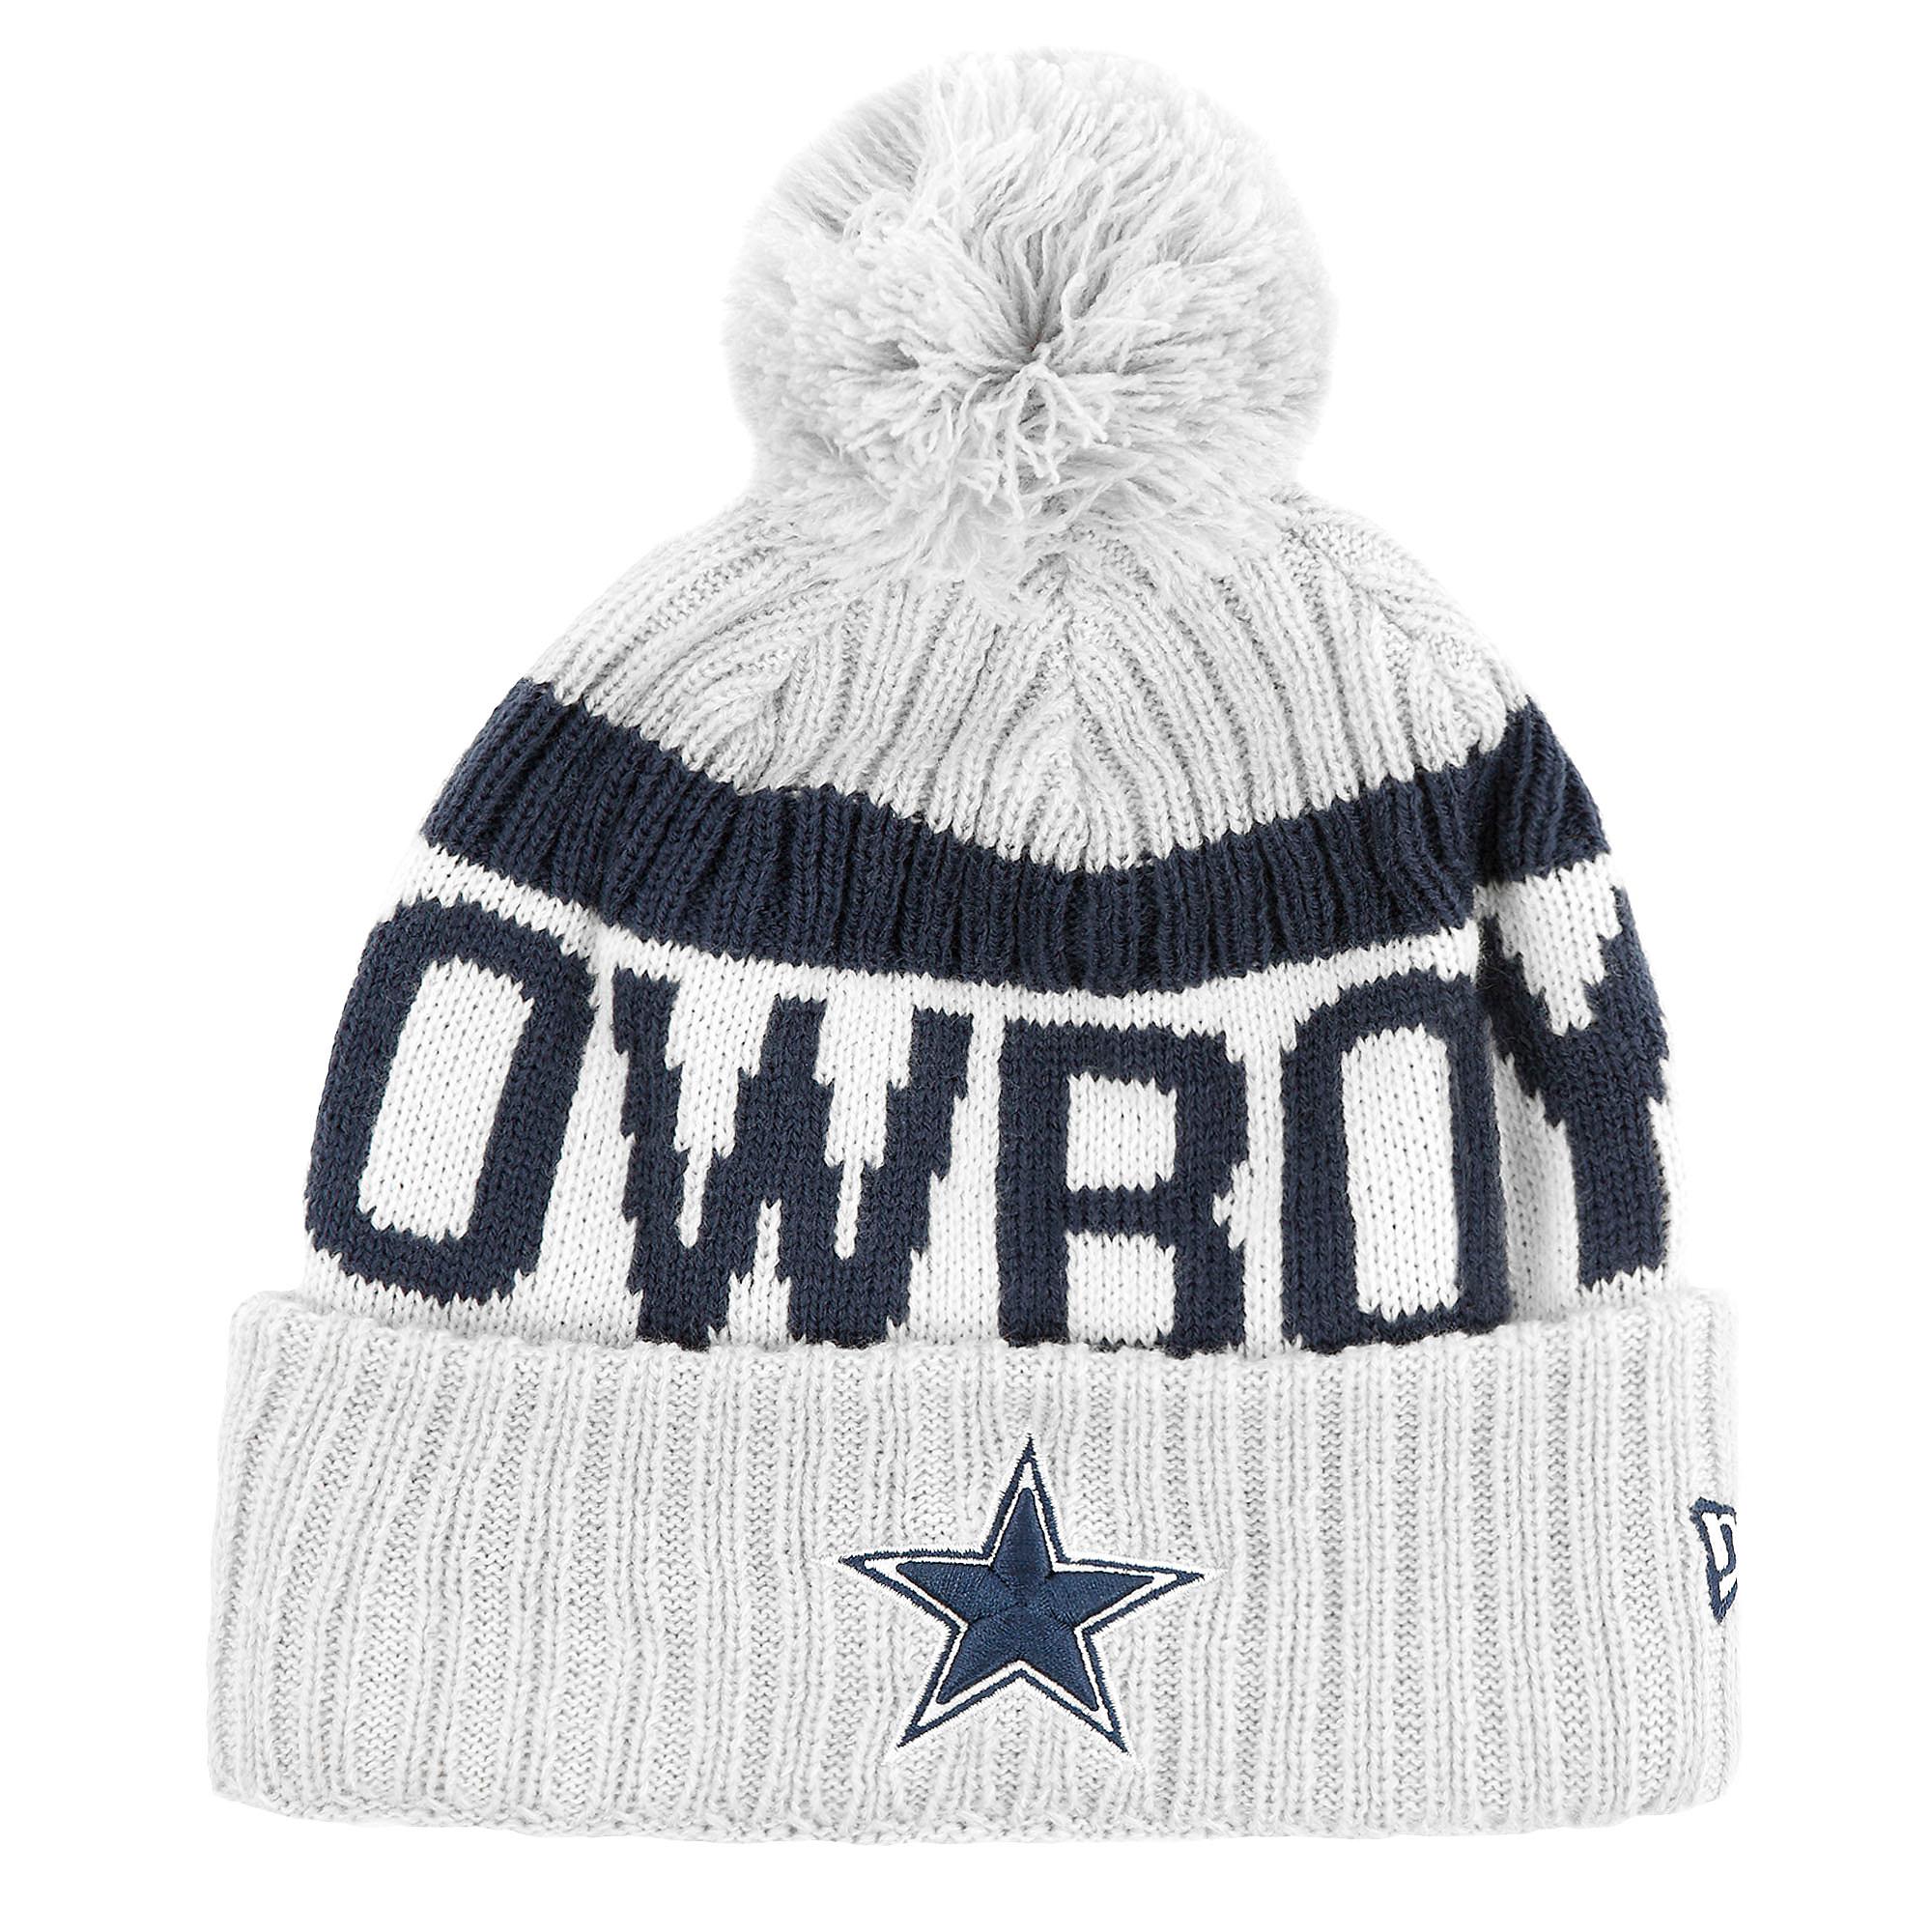 Dallas Cowboys New Era Sideline Fan Gear Sport Knit Hat  d870d5a34